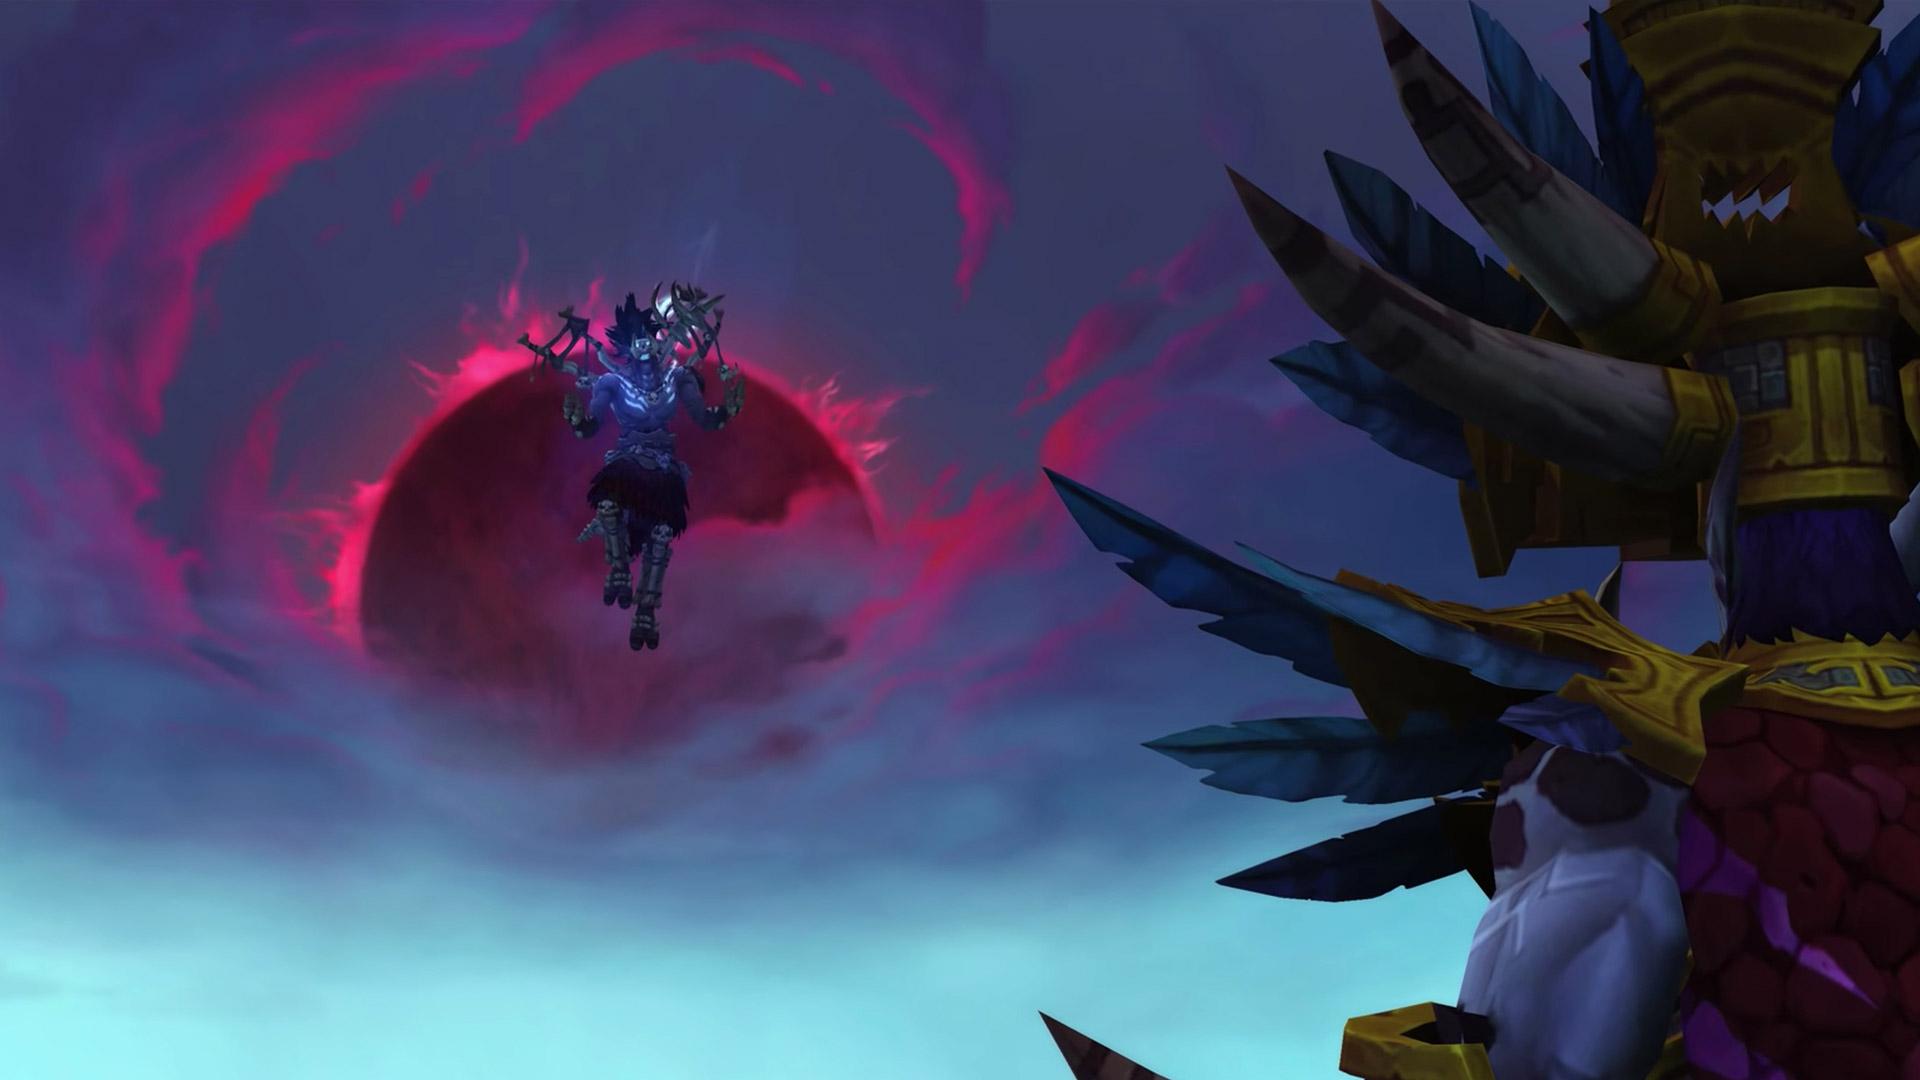 La lune de sang apparaît dans le ciel de Zuldazar